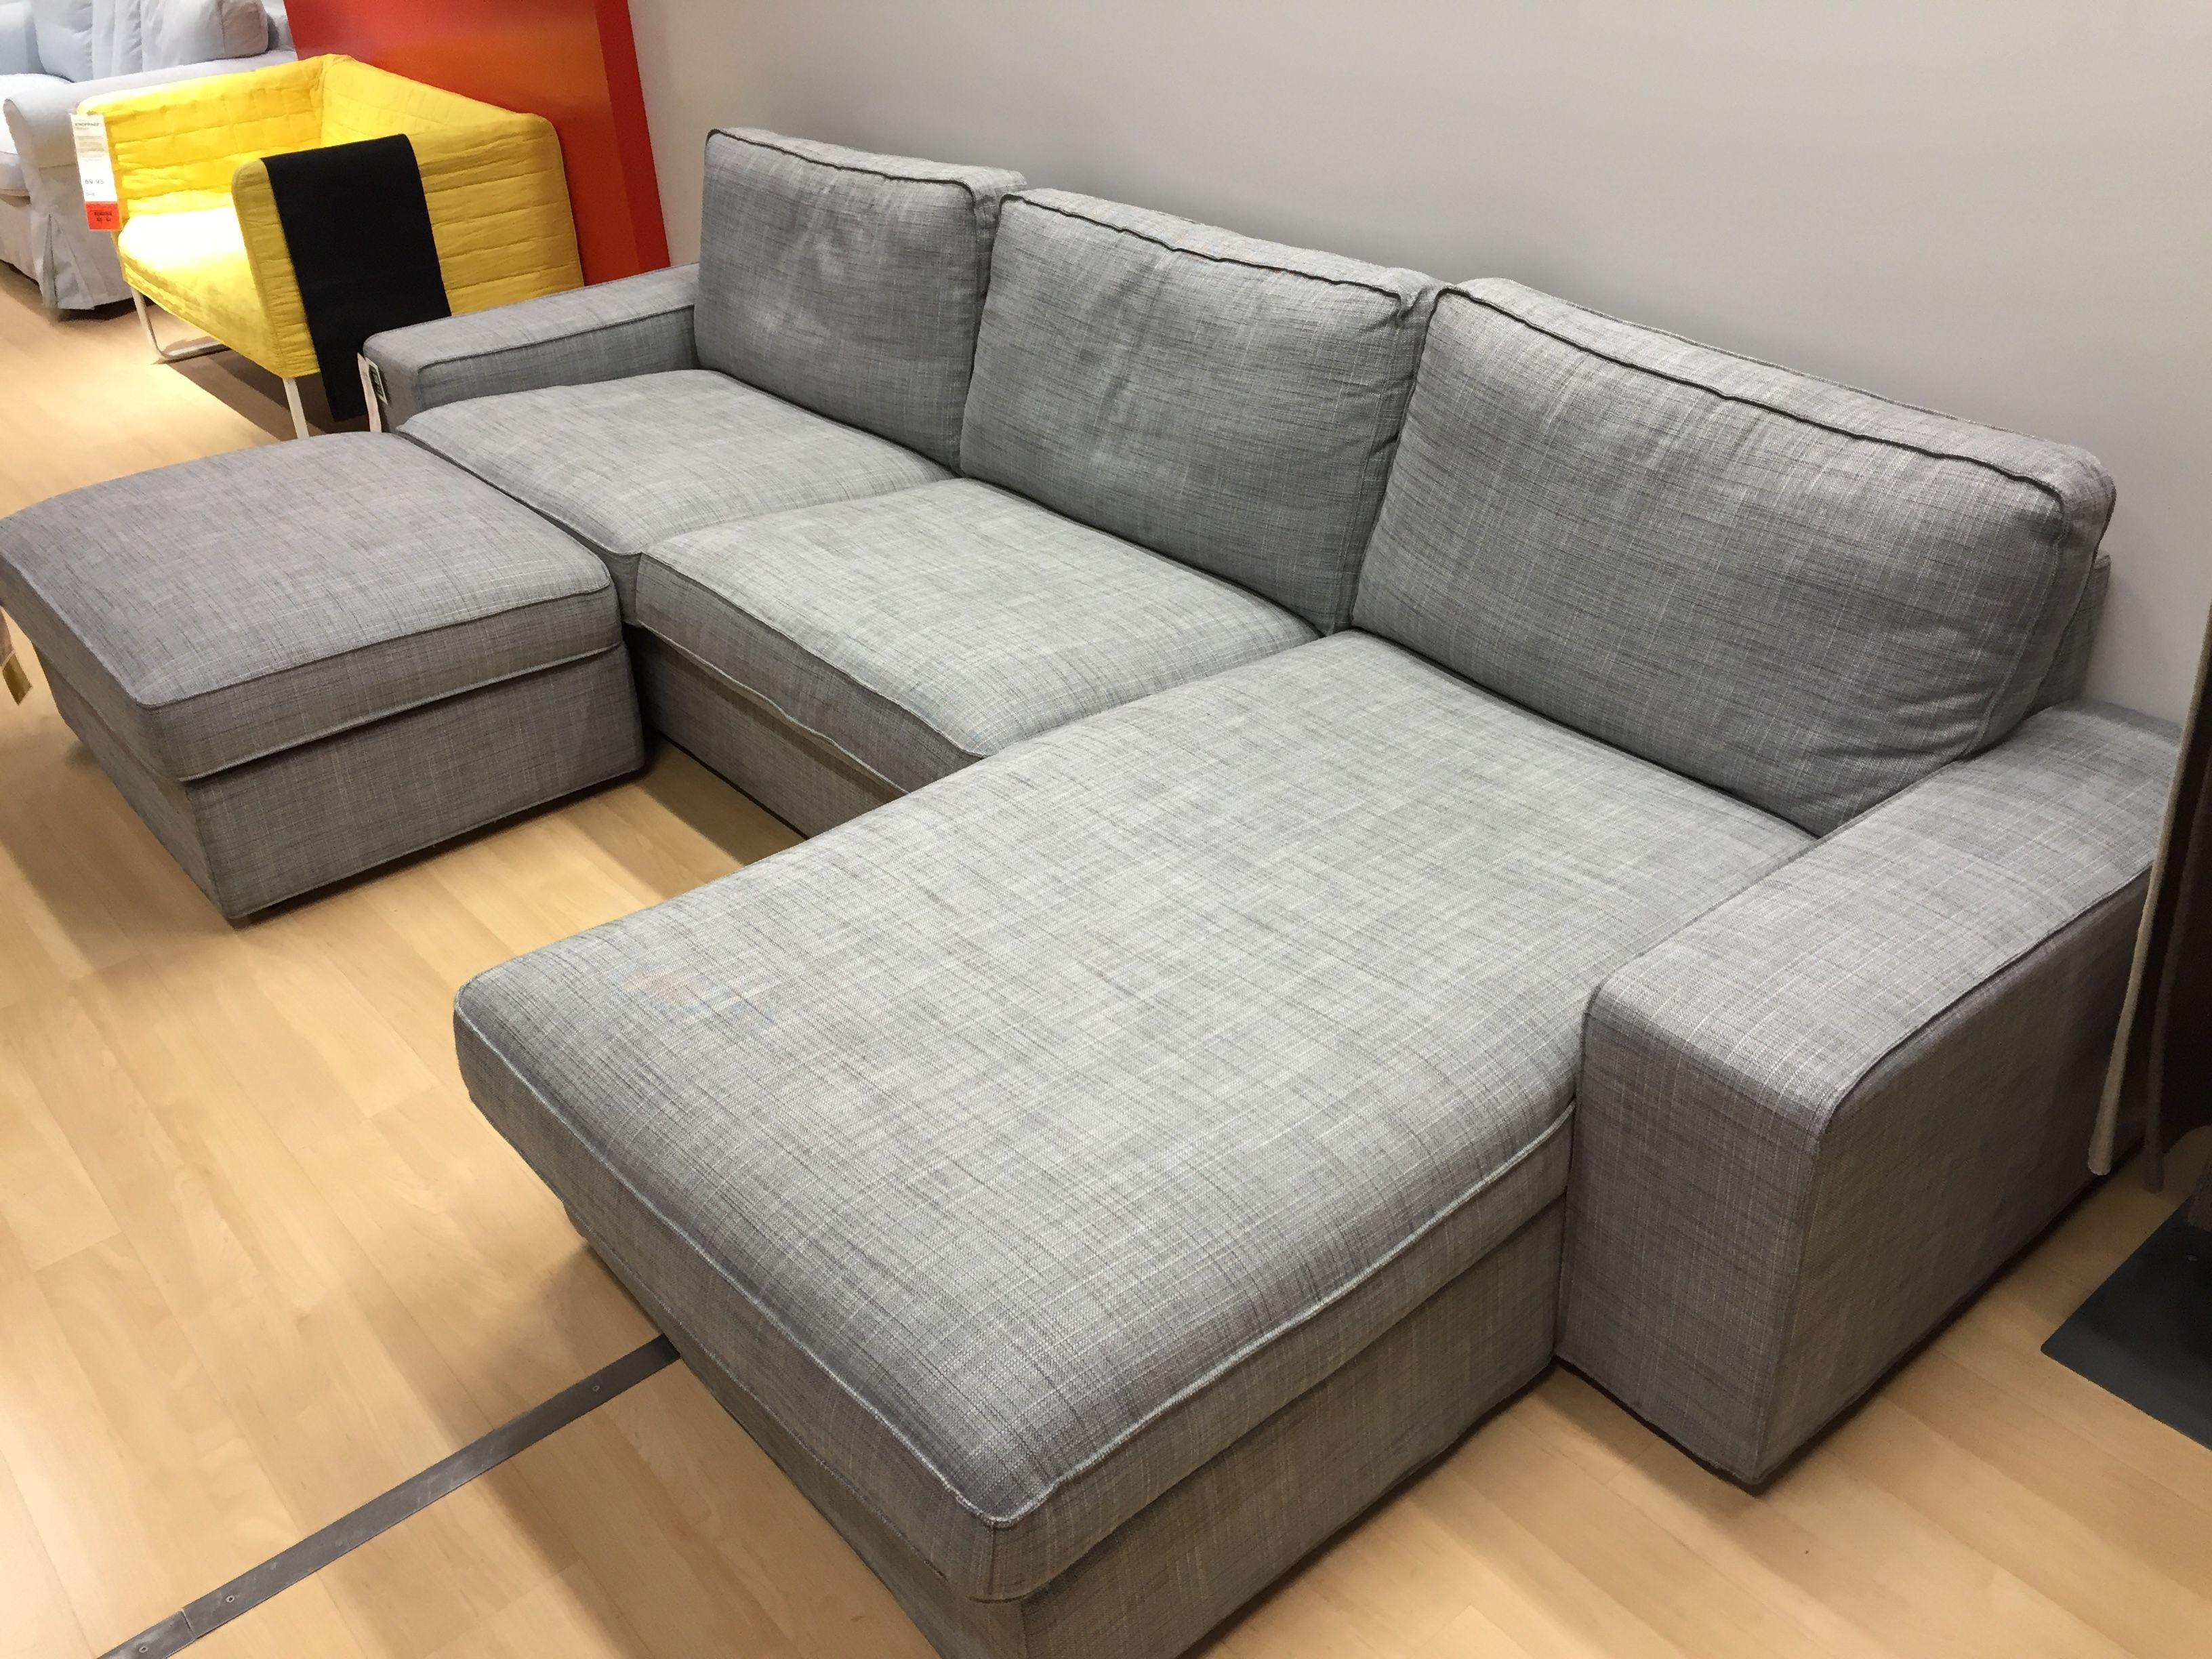 Kivit Bank grijs van IKEA Interieur